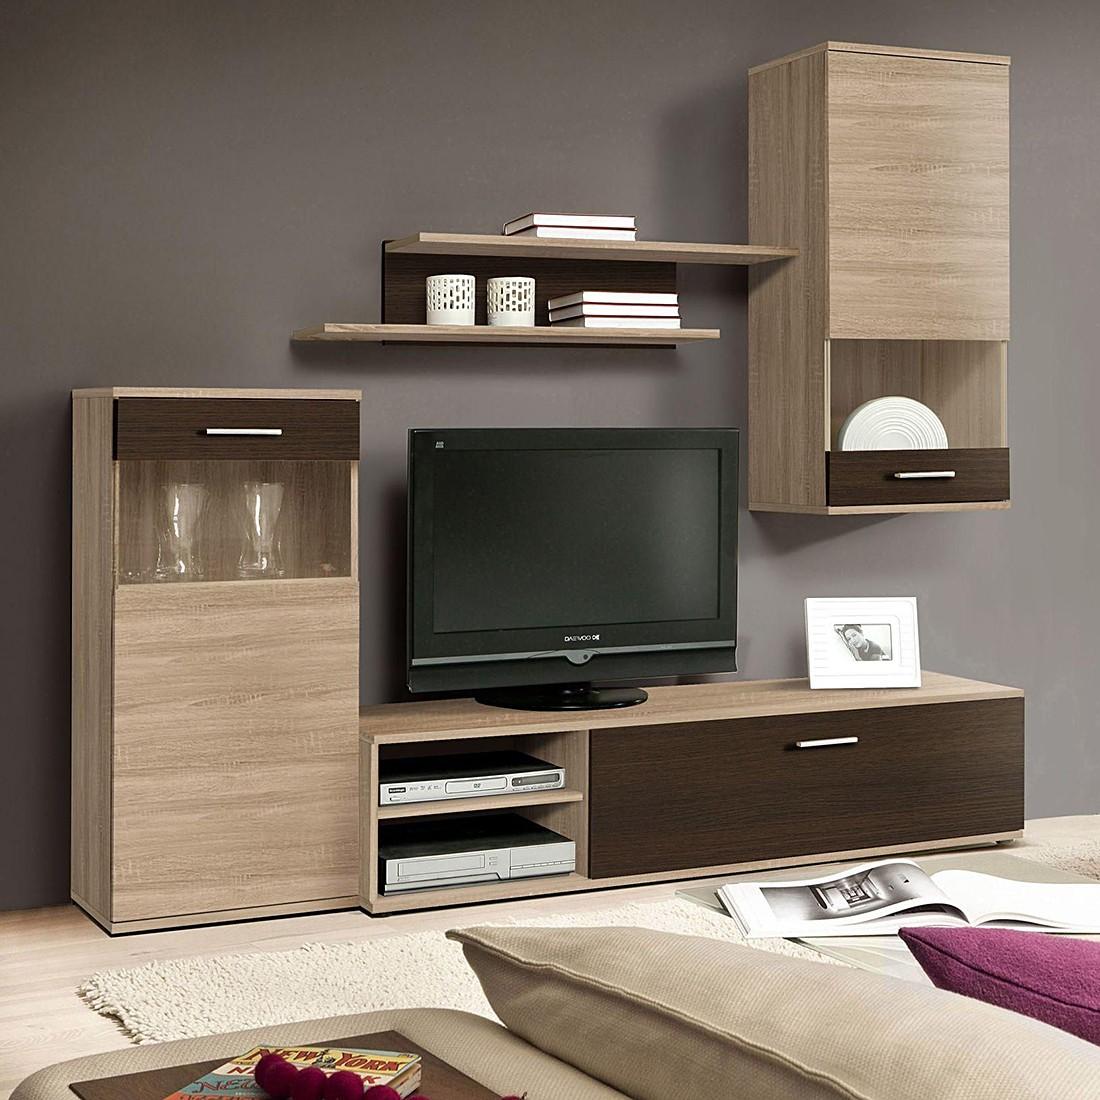 wohnwand eiche sonoma schwarz interessante ideen f r die gestaltung eines raumes. Black Bedroom Furniture Sets. Home Design Ideas